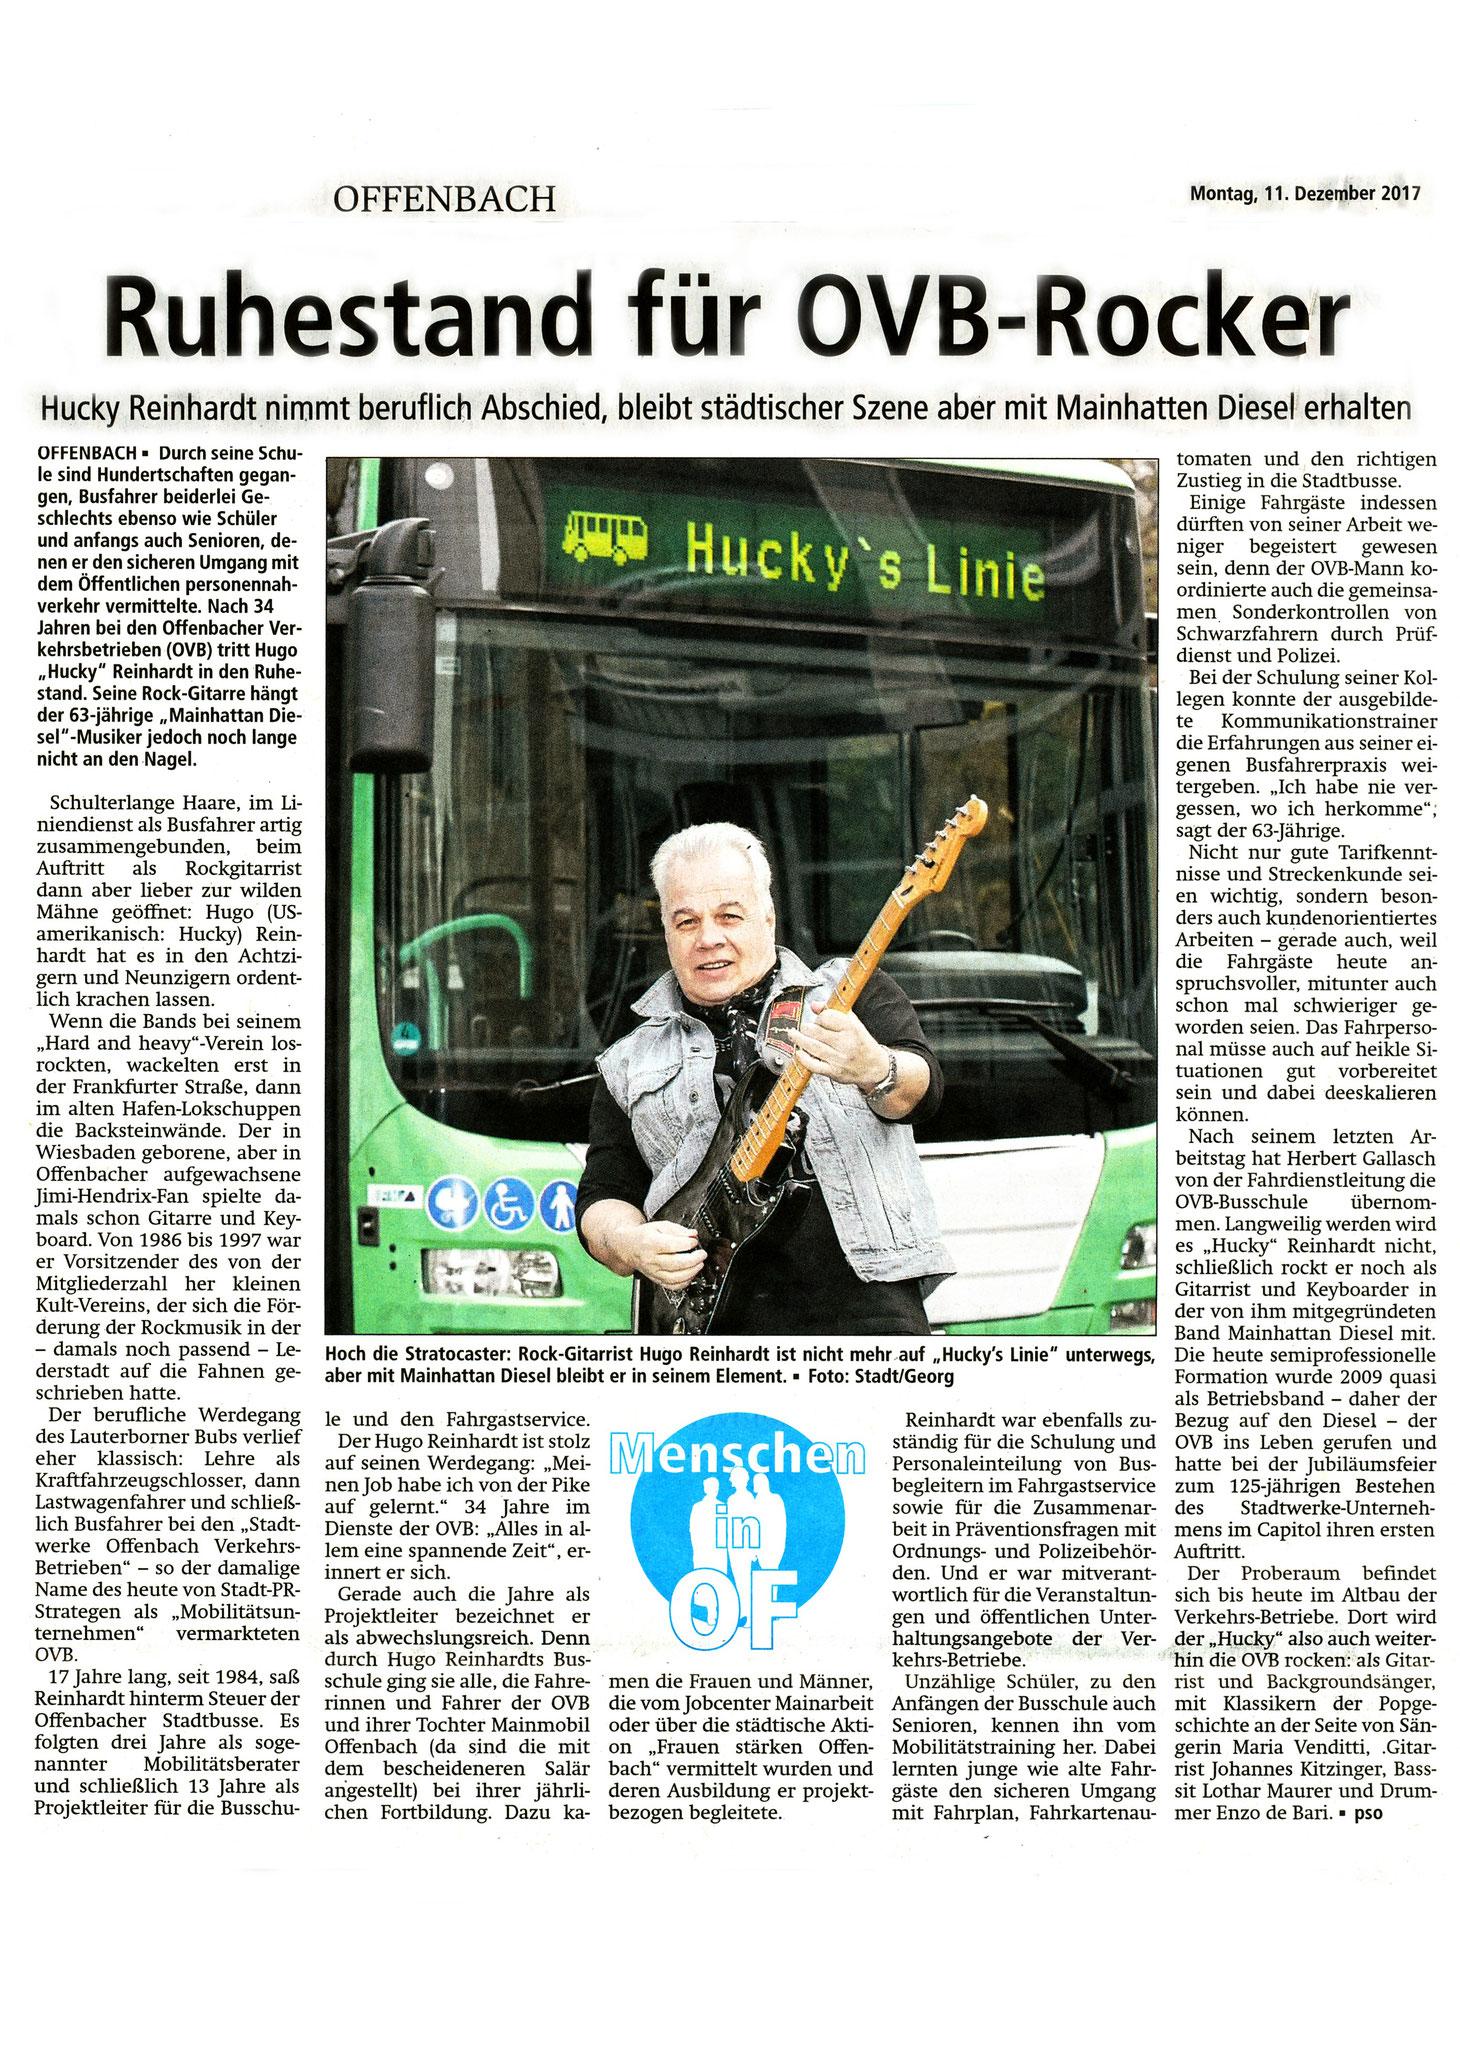 Offenbach Post, 11. Dezember 2017